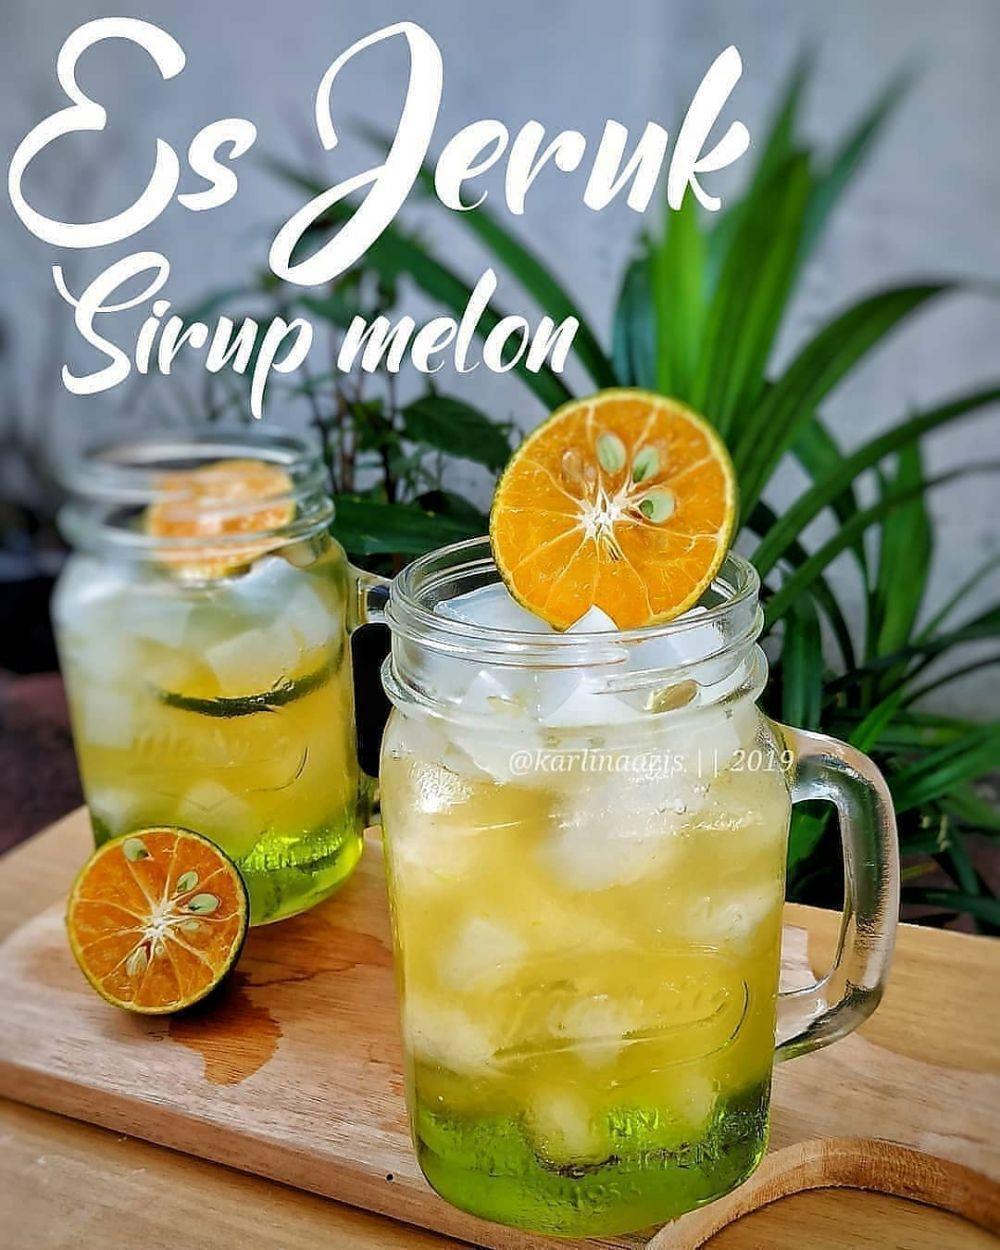 Resep Minuman Untuk Dijual Instagram Resep Minuman Minuman Minuman Musim Panas